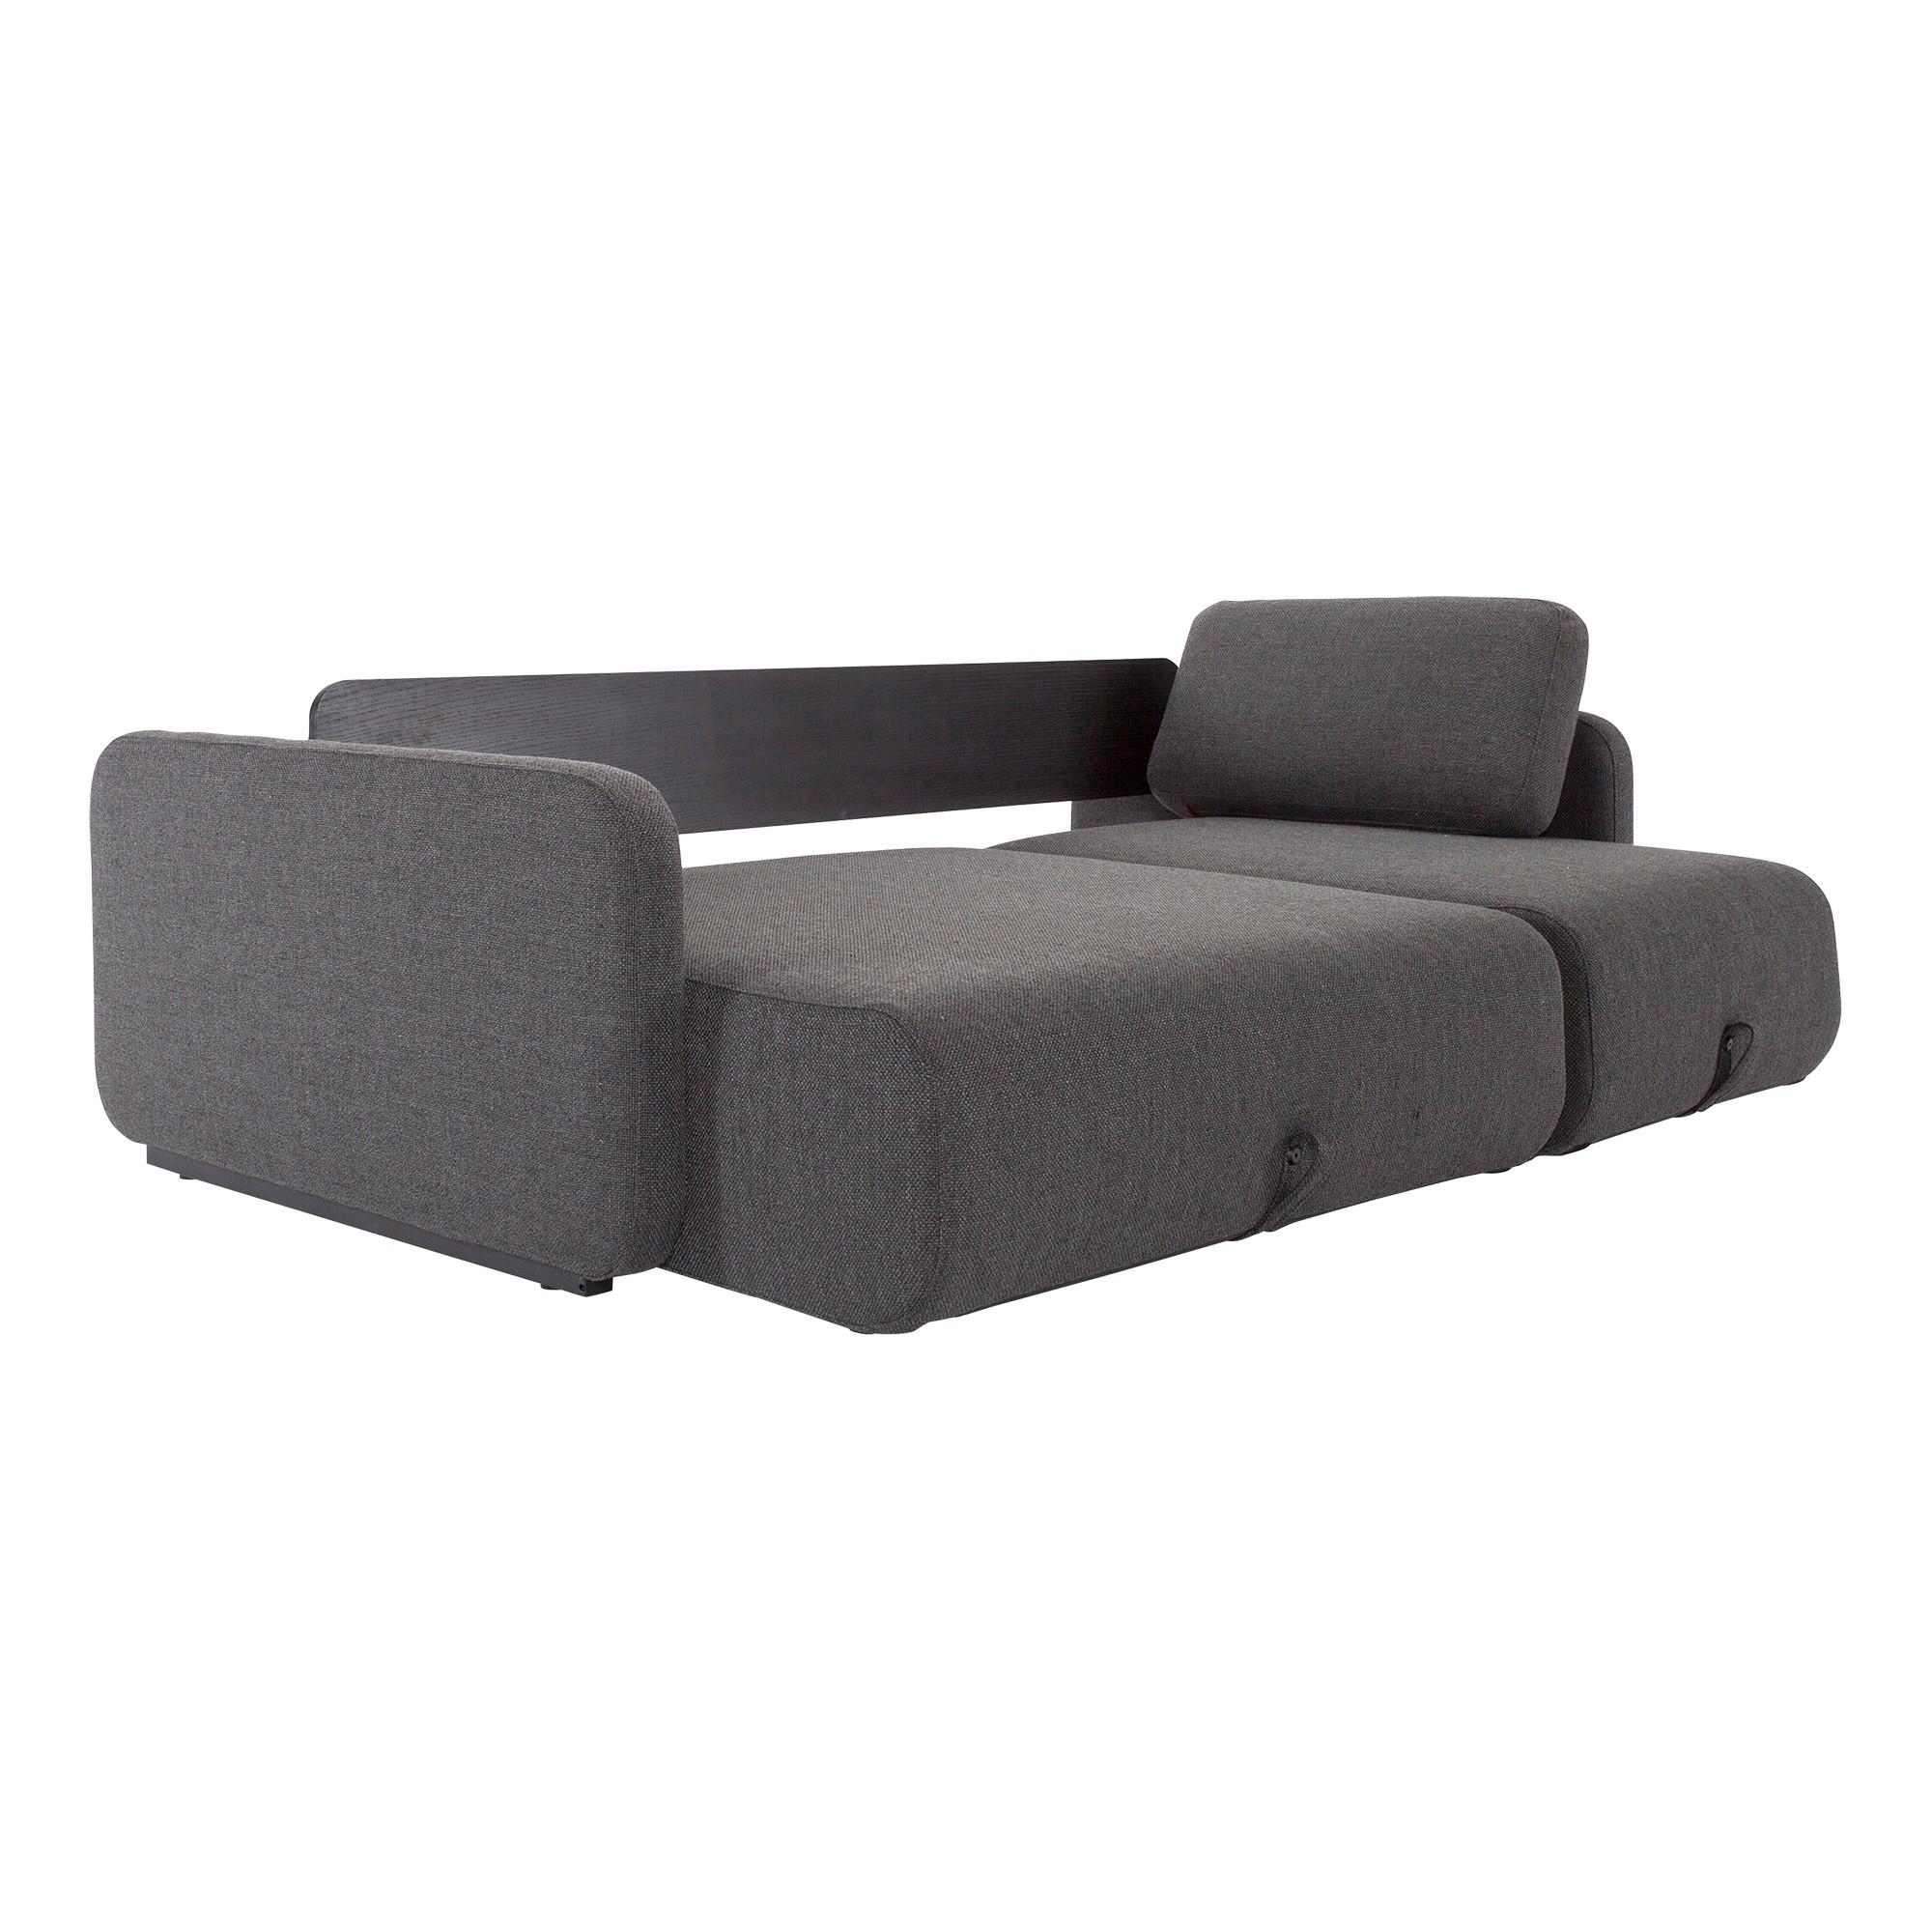 Vogan Sofa Bed 217x120cm